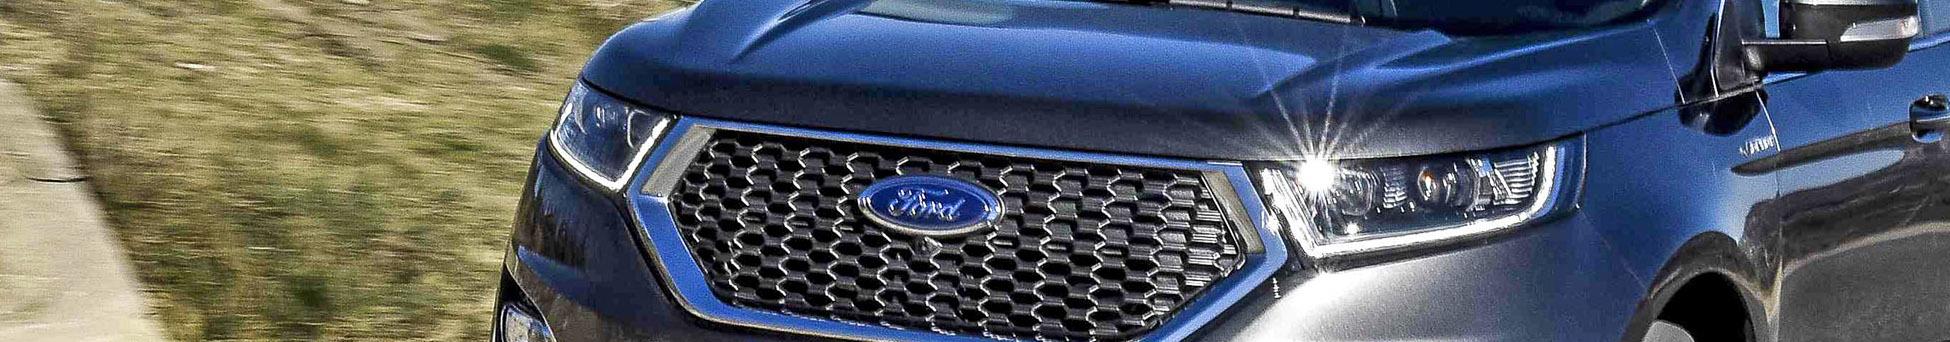 Полировка фар Ford в Санкт-Петербурге